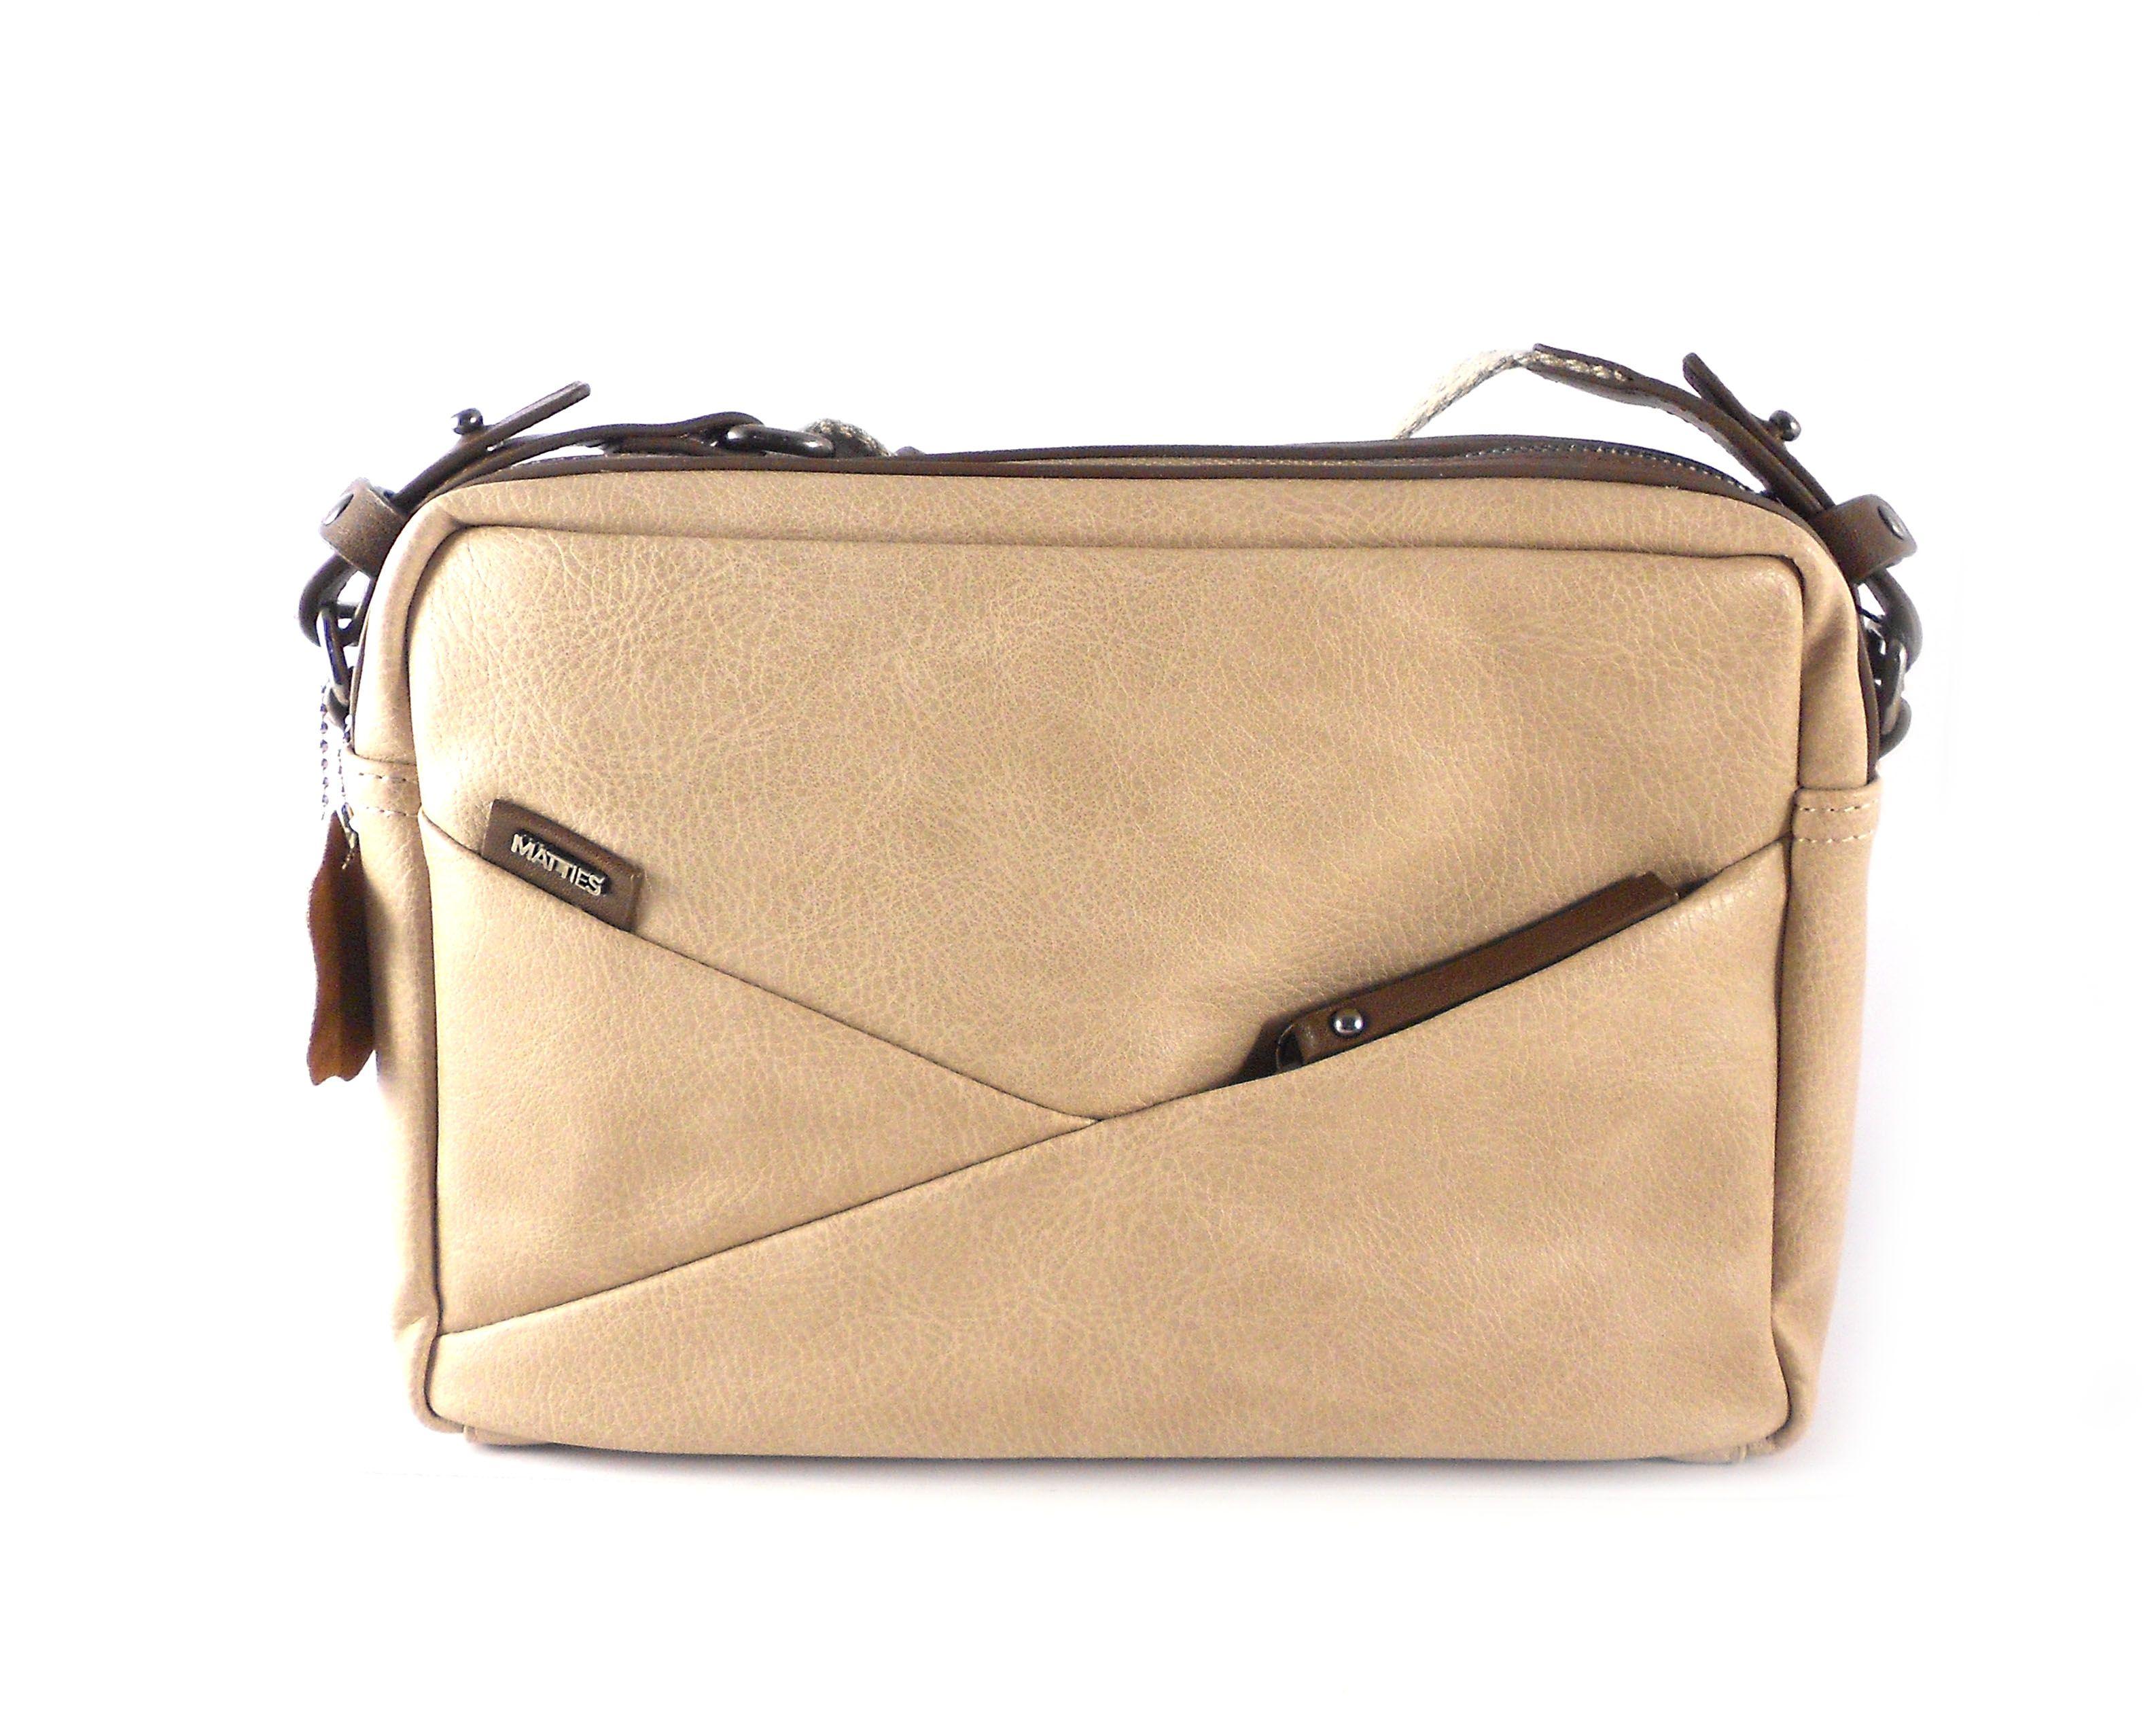 f55e8de327b Bolso tipo bandolera para mujer Matties Bags serie Viveiro